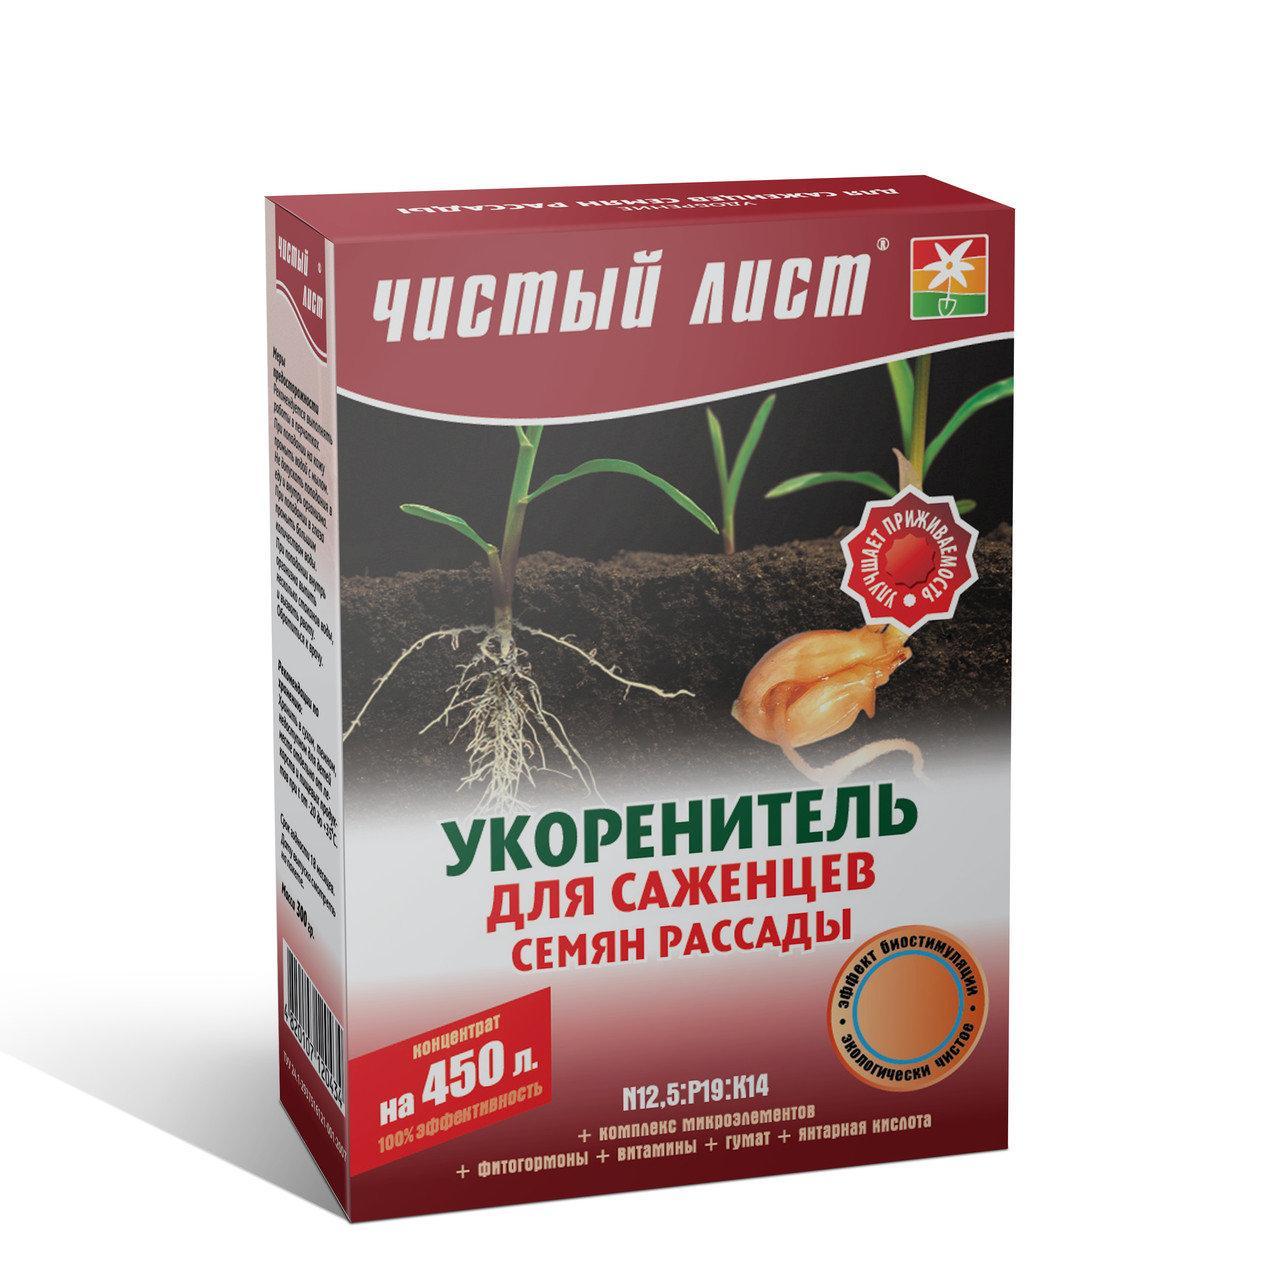 Укоренитель для саженцев и семян рассады 300 г, Kvitofor